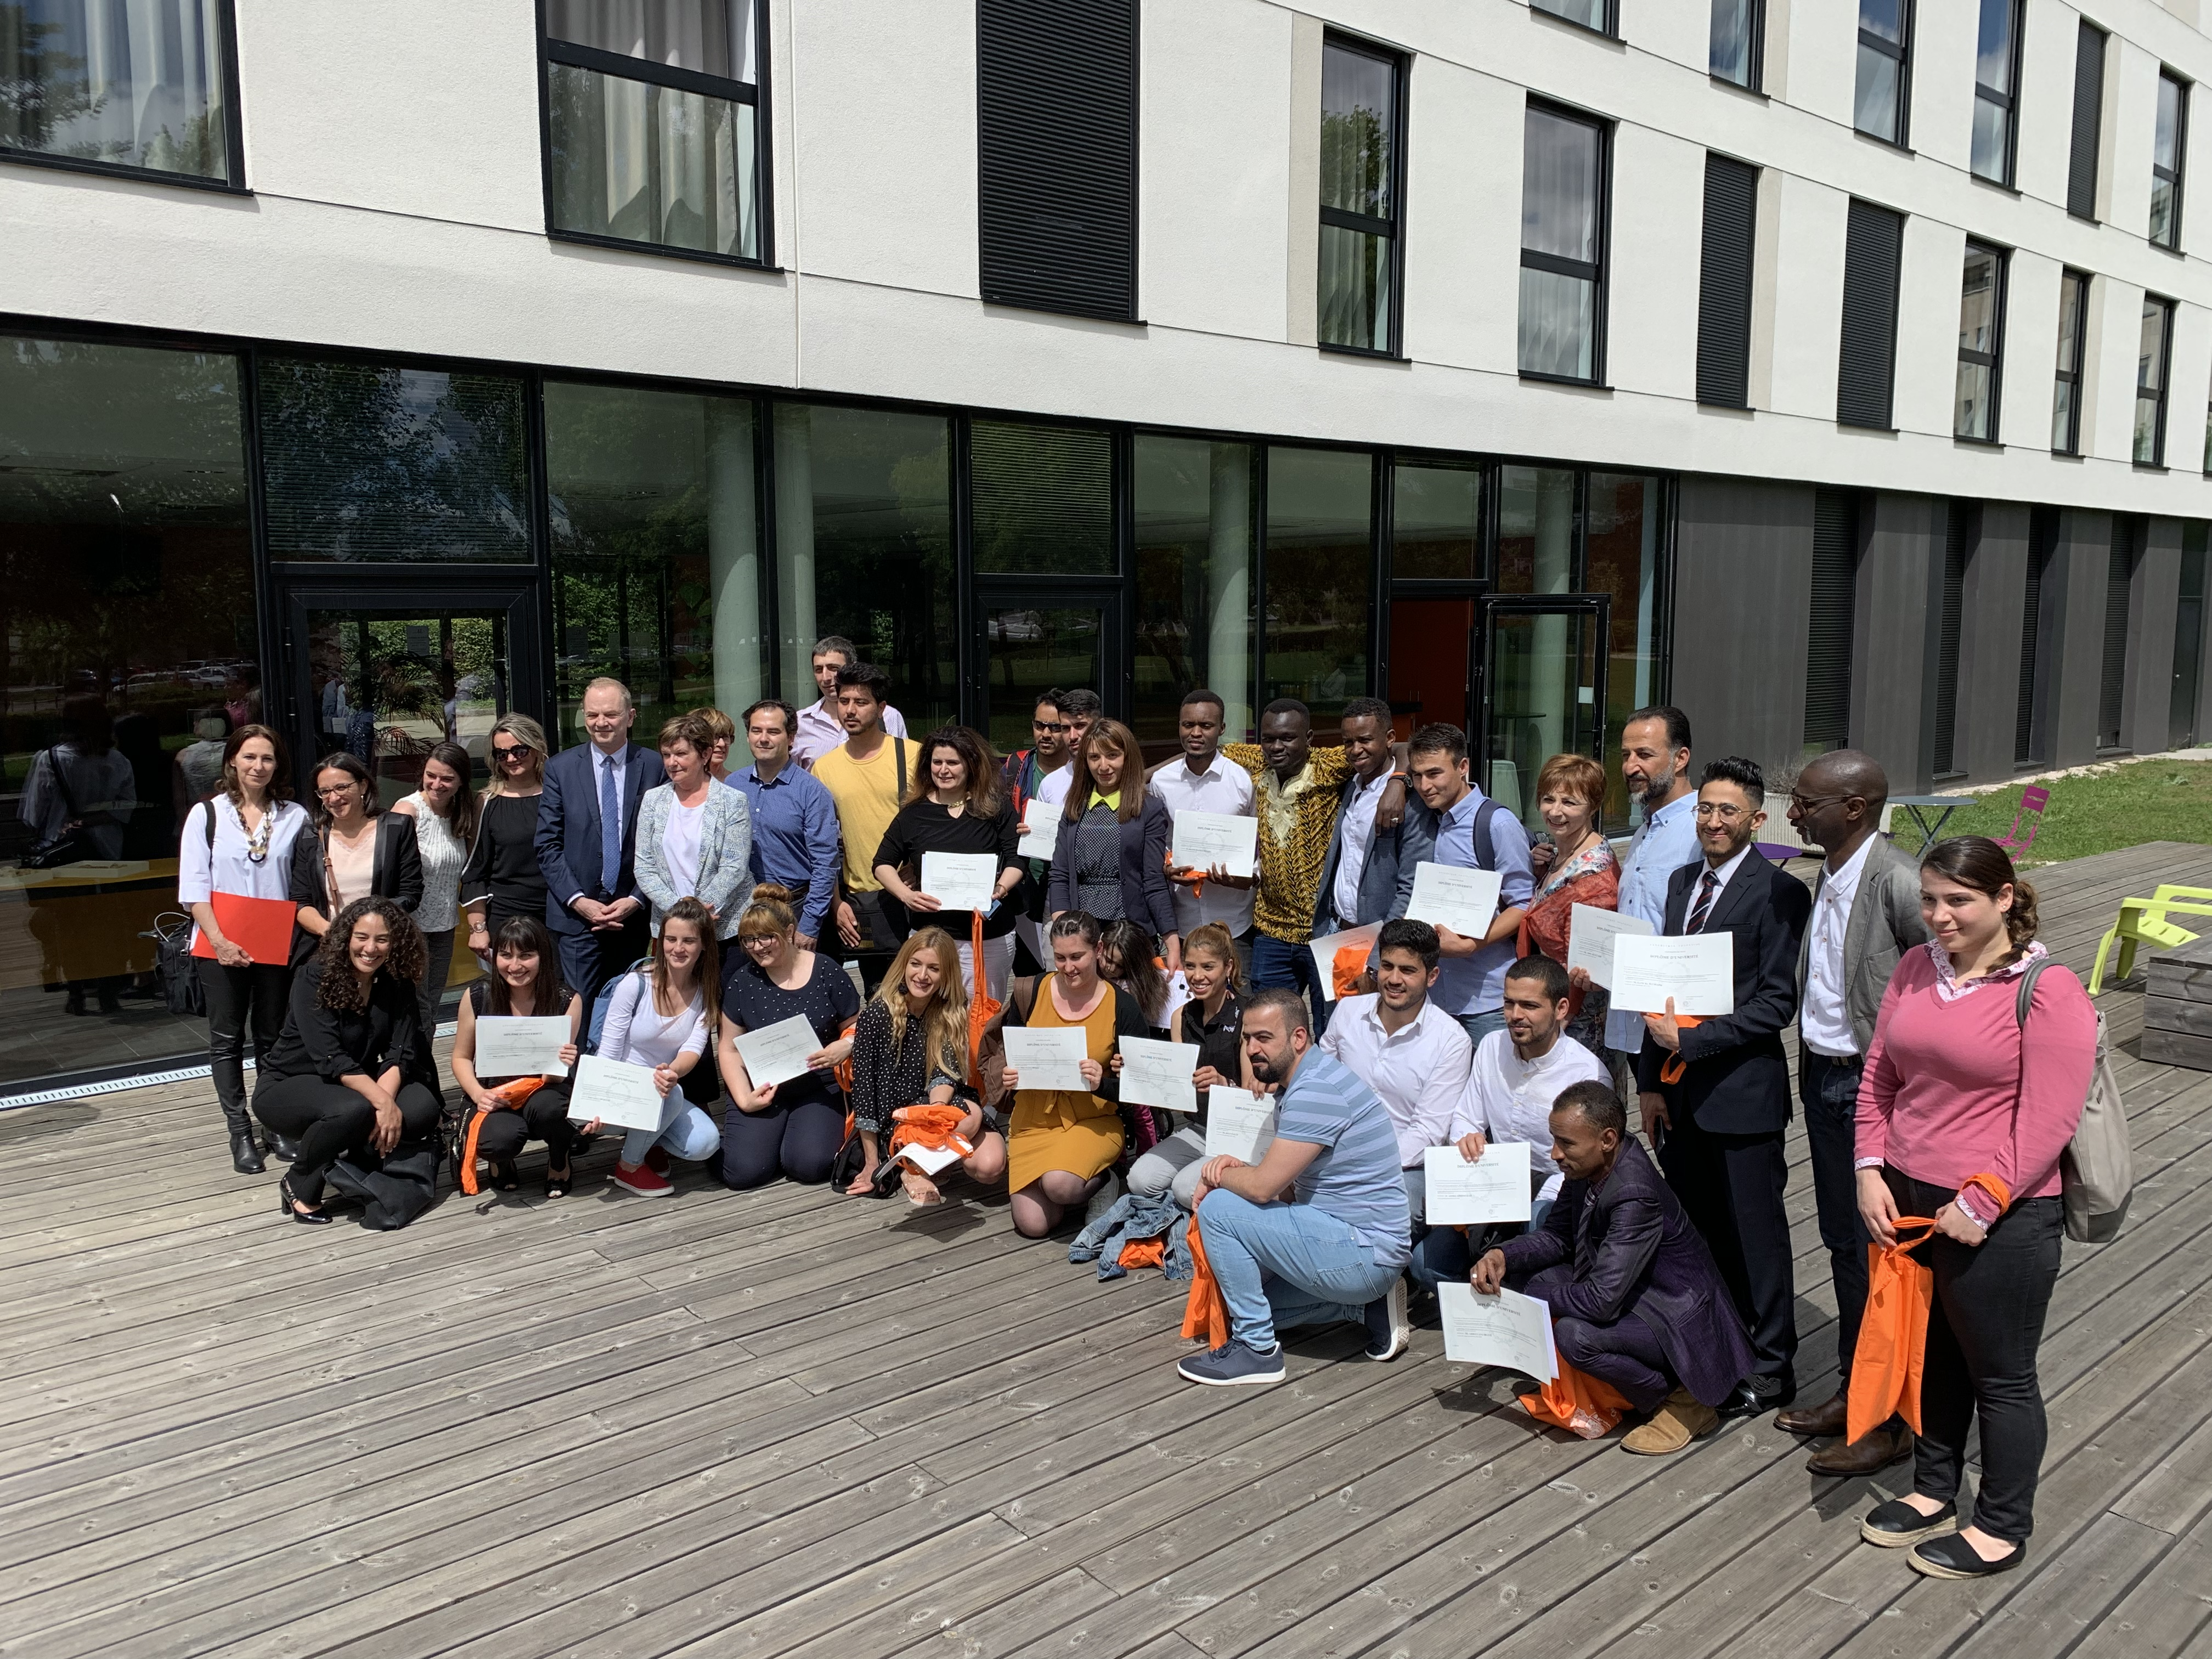 Retour en images : cérémonie de remise de diplômes du D.U. FLE pour l'insertion des publics migrants